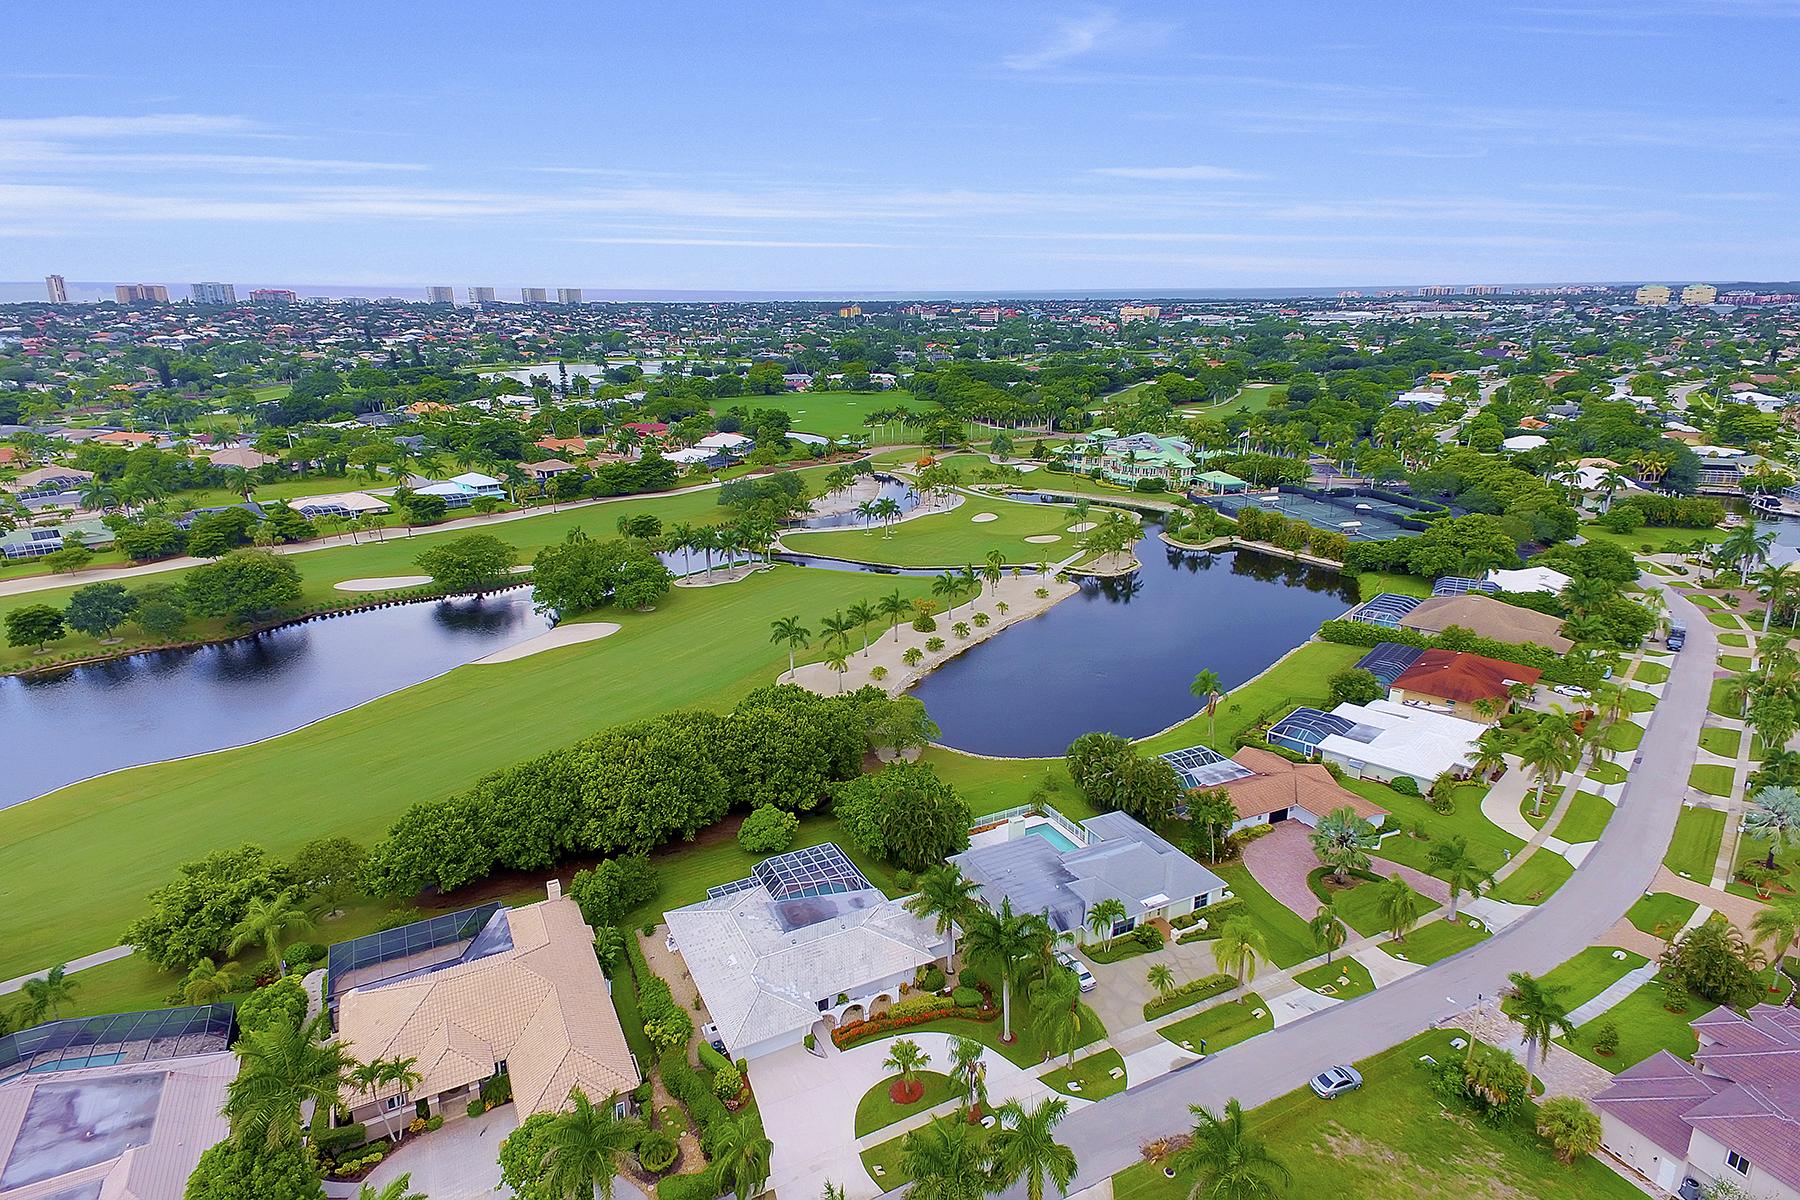 Tek Ailelik Ev için Satış at MARCO ISLAND - NASSAU COURT 404 Nassau Ct Marco Island, Florida, 34145 Amerika Birleşik Devletleri